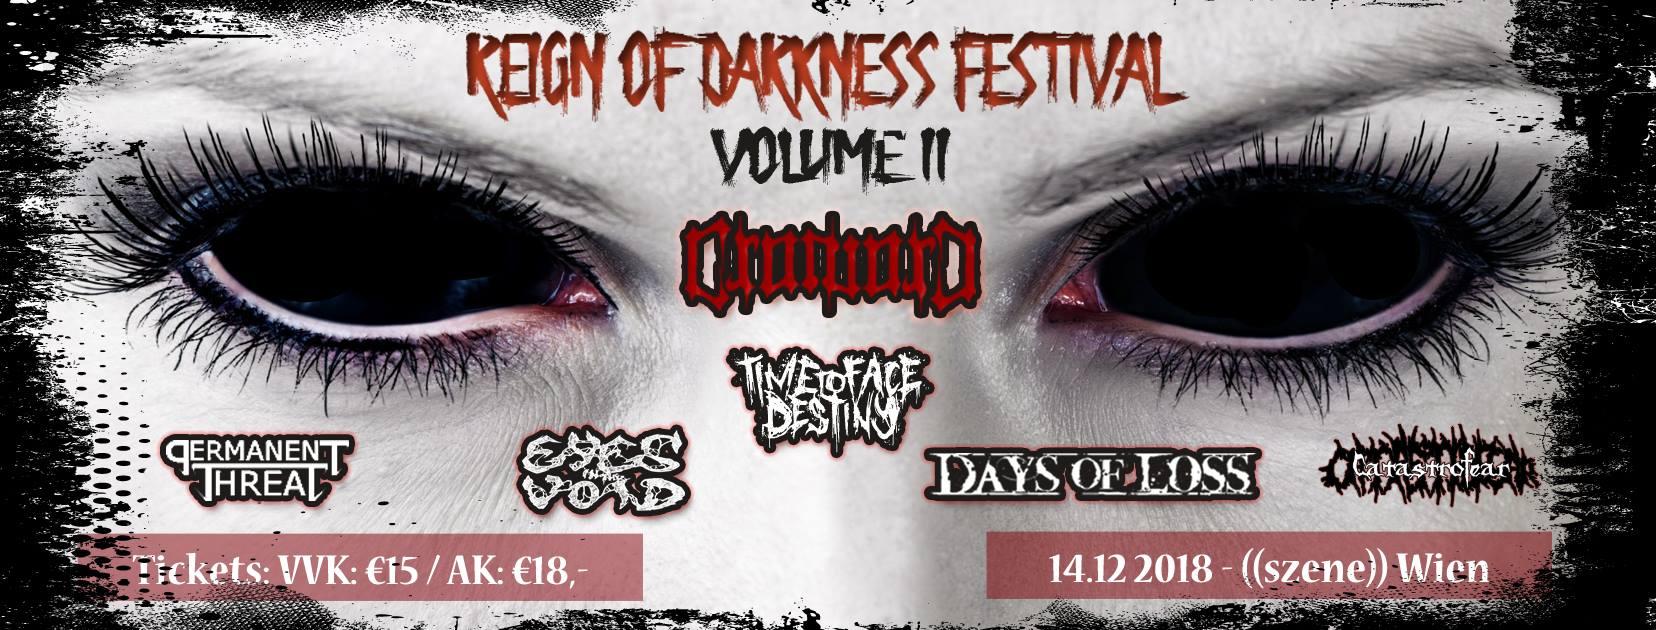 Show Update - Reign of Darkness Festival Vienna